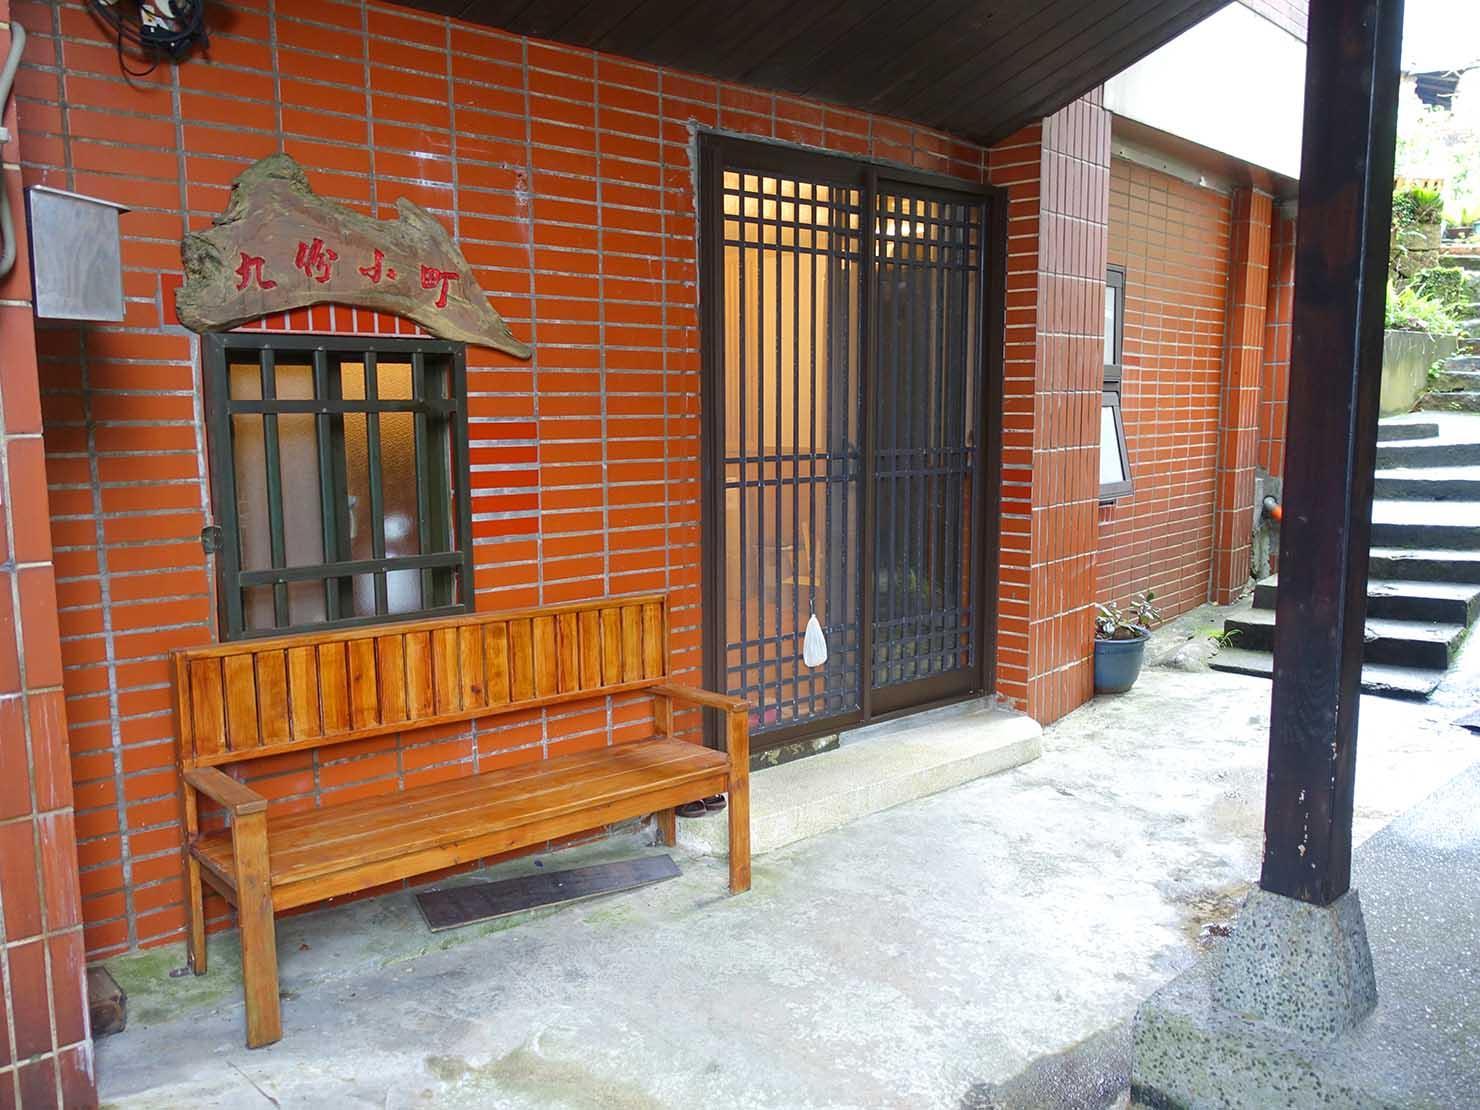 台北・九份のおすすめゲストハウス「九份小町」看板のかかった建物